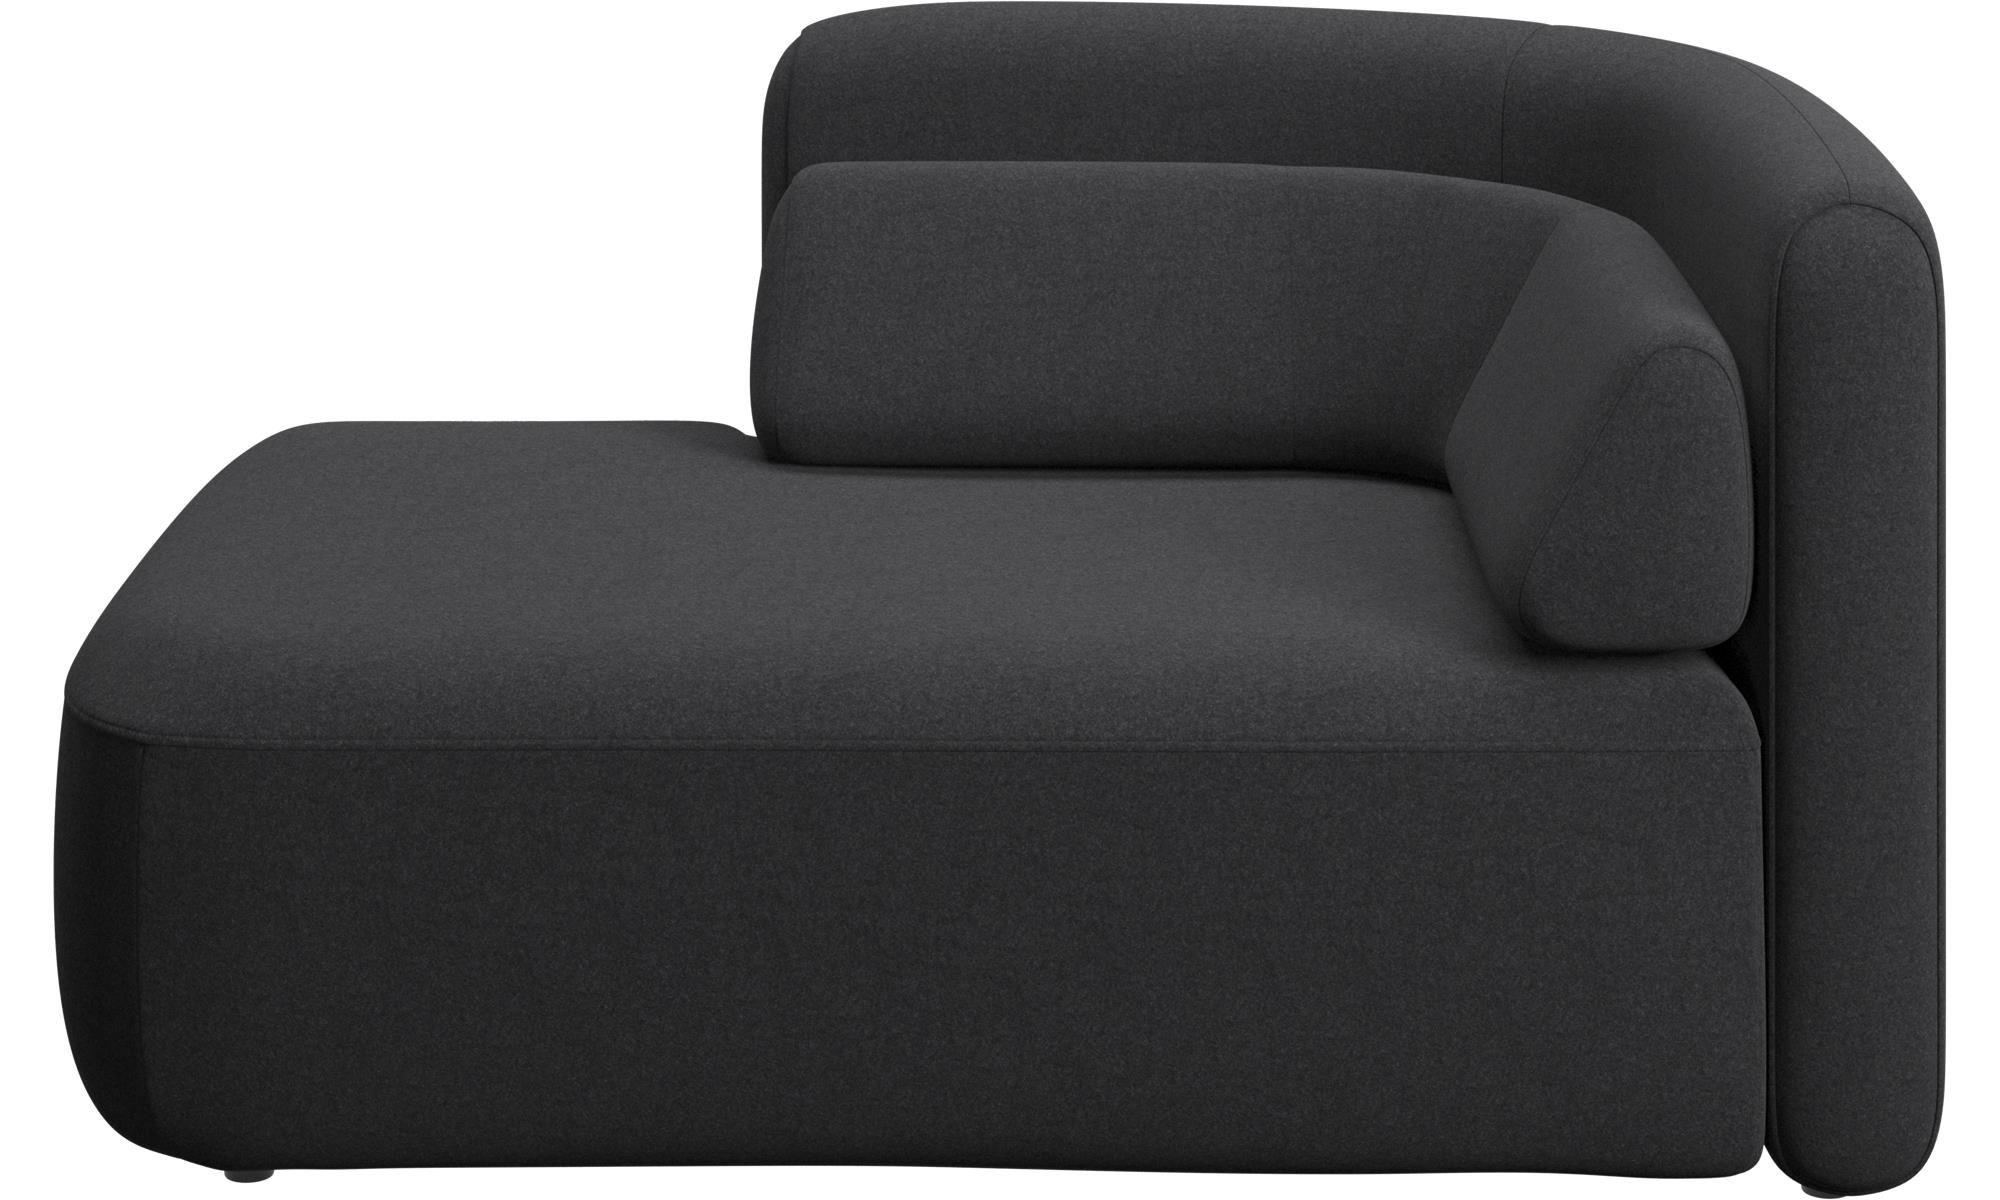 Modular Sofas Ottawa 1 5 Seater Open End Left Side Boconcept